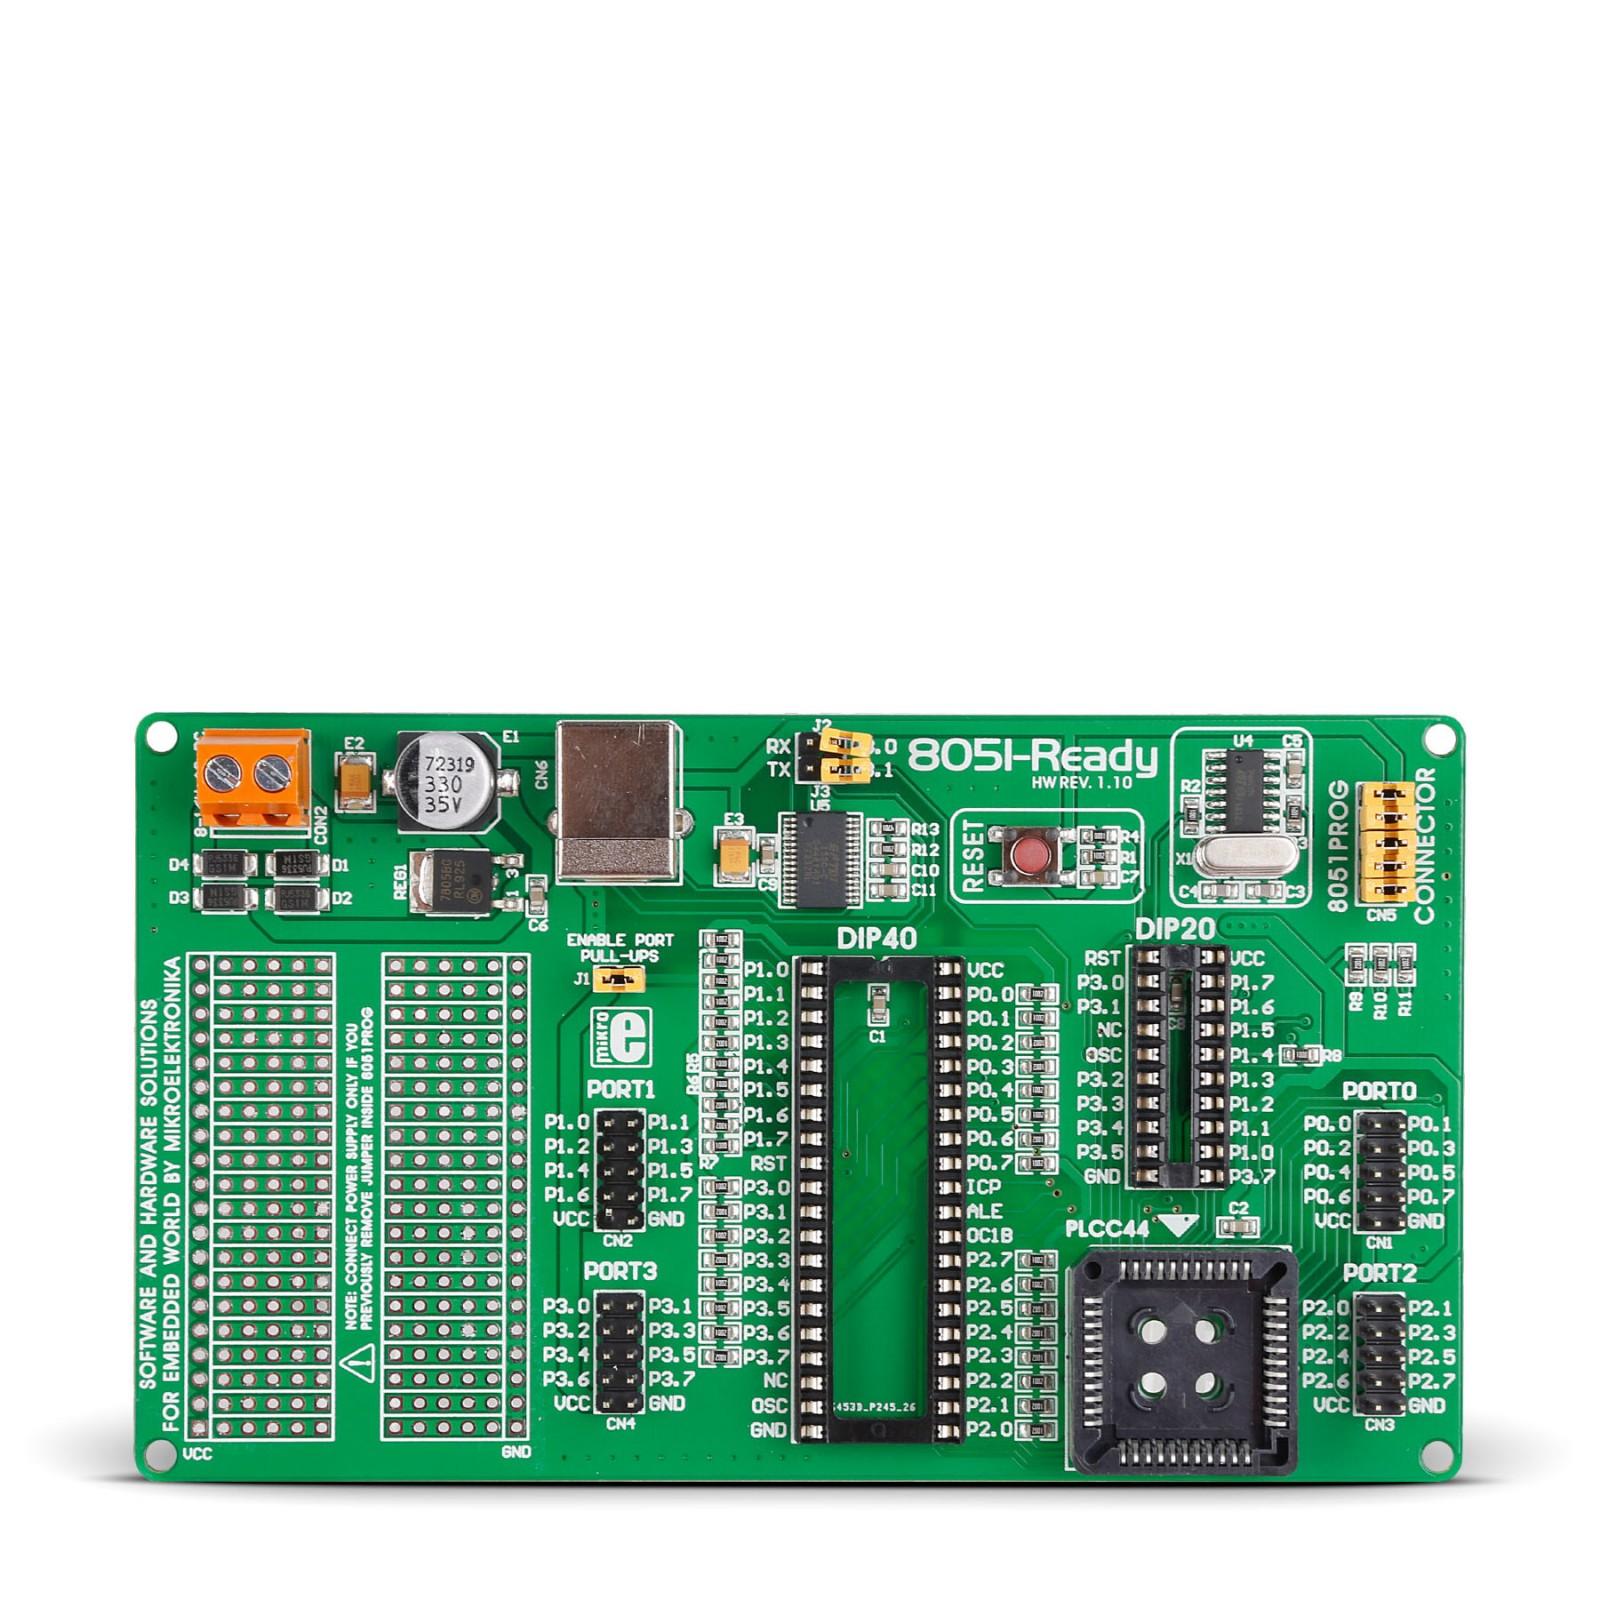 8051-Ready Board - MikroElektronika